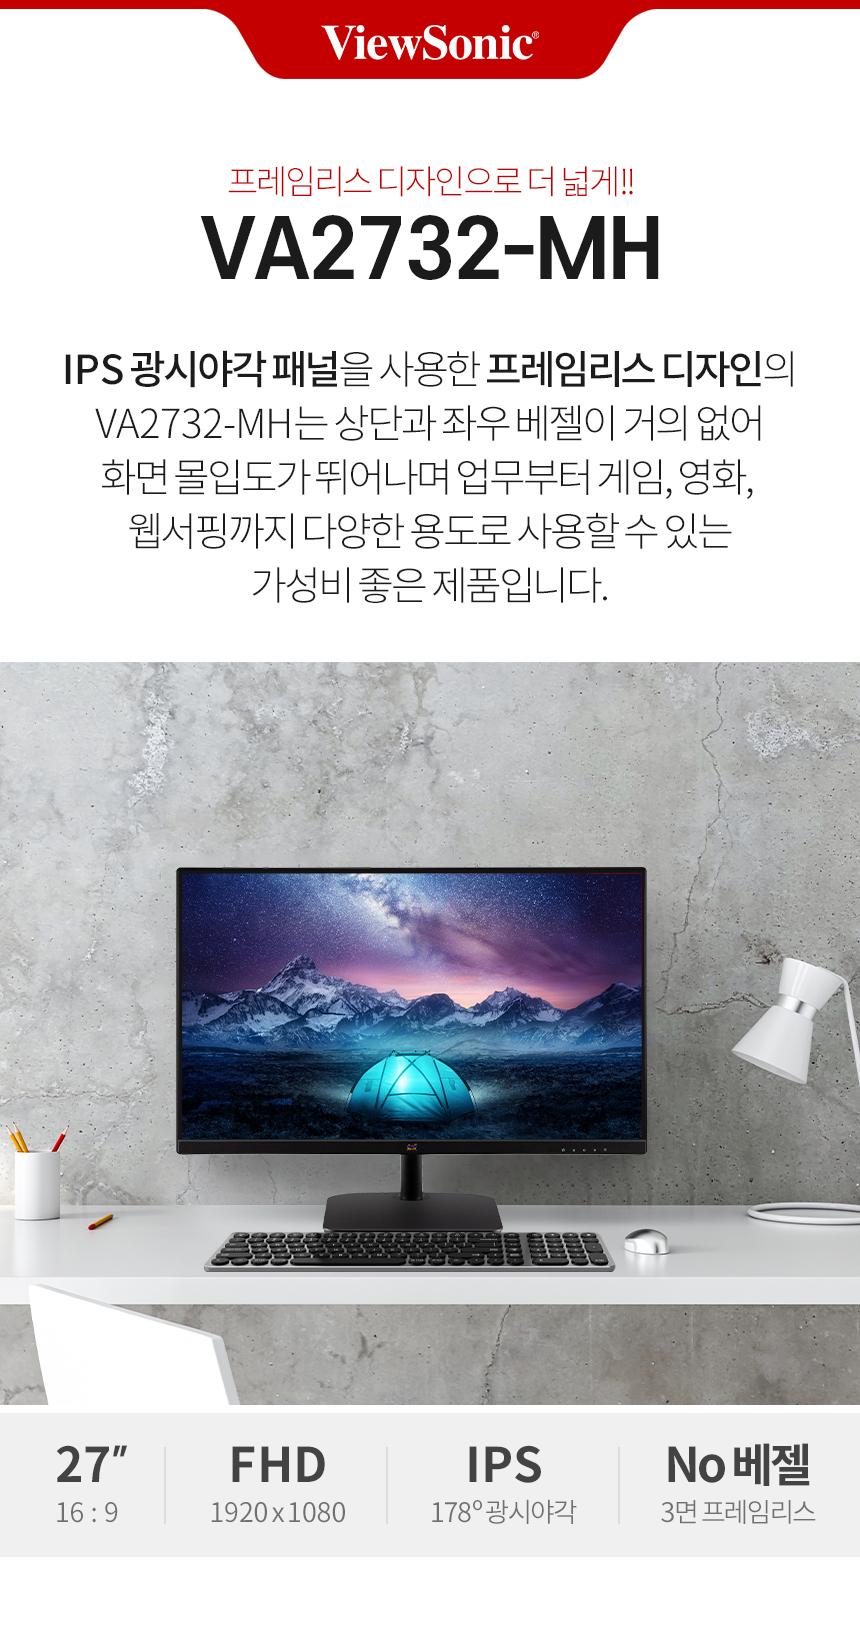 뷰소닉 VA2732-MH IPS 프레임리스 75 무결점